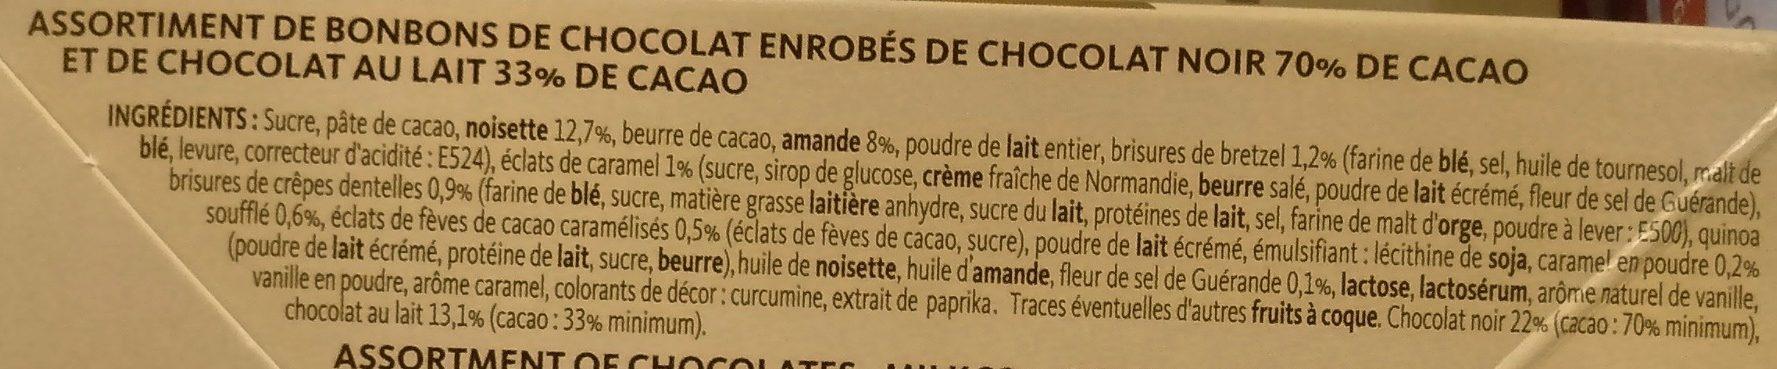 Chocolats Croustillant Praliné - Ingredients